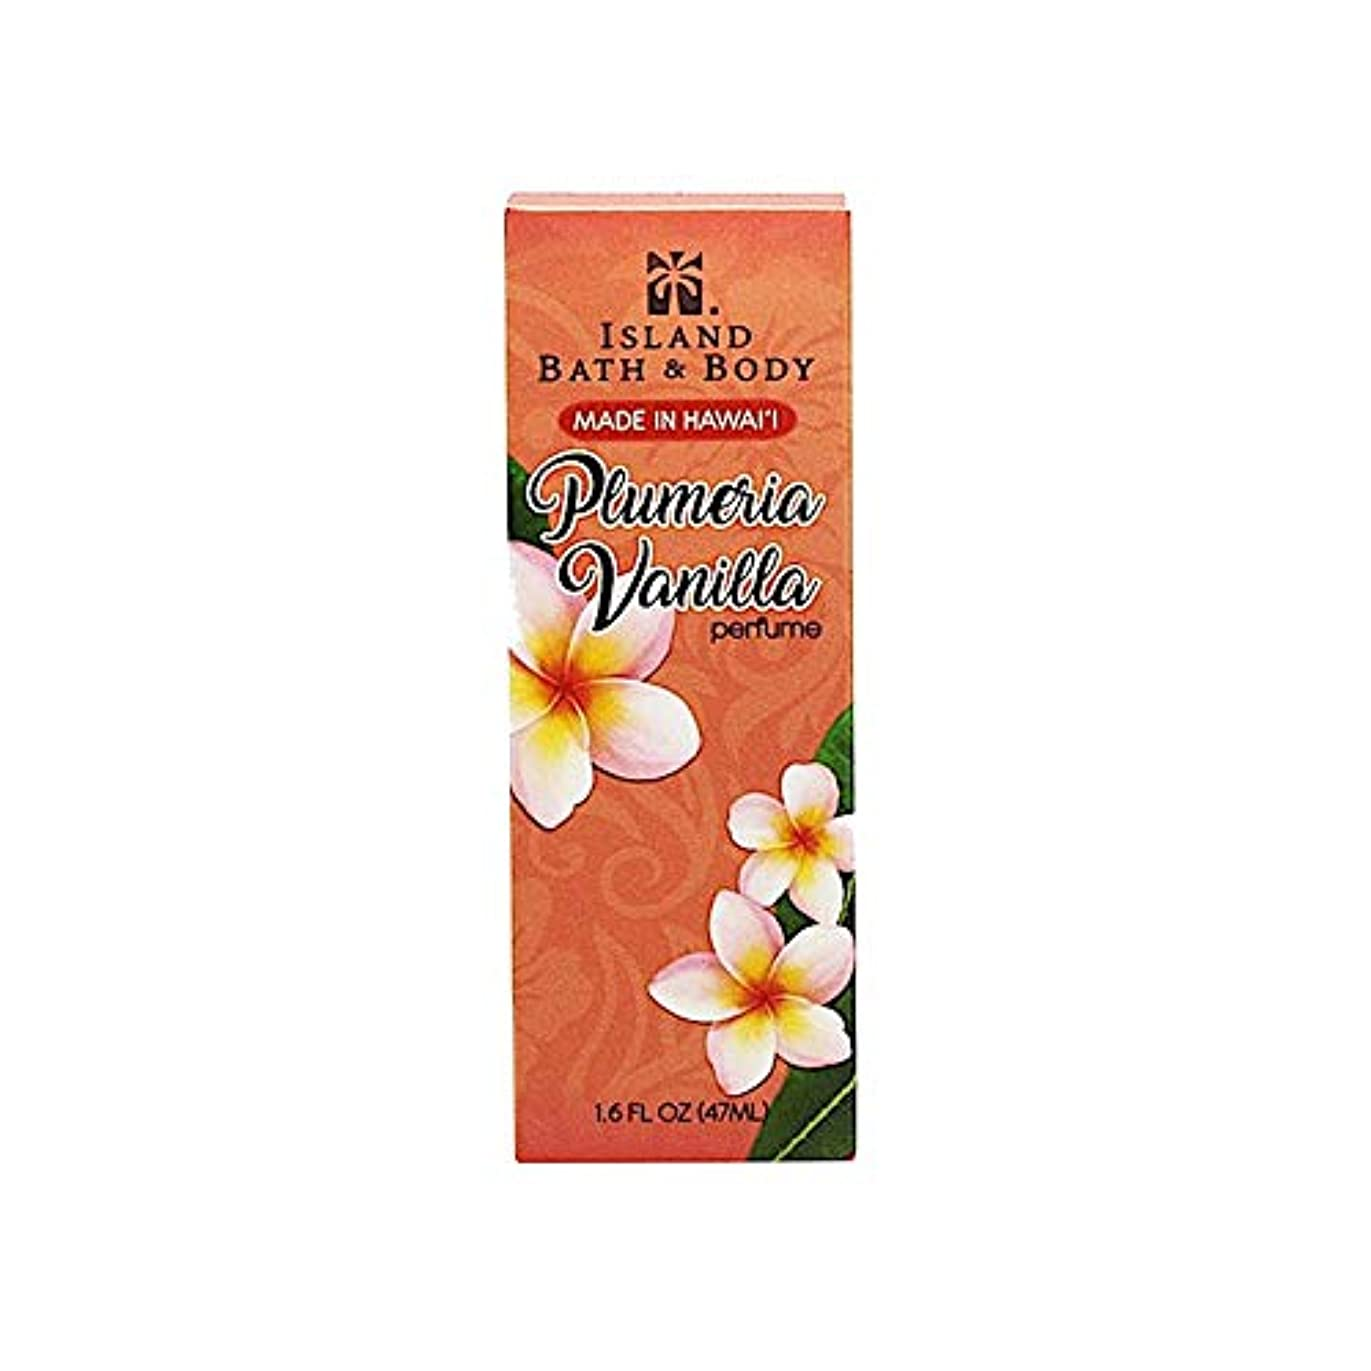 現金すみません間違えたプルメリア?バニラ 香水 Made in Hawaii